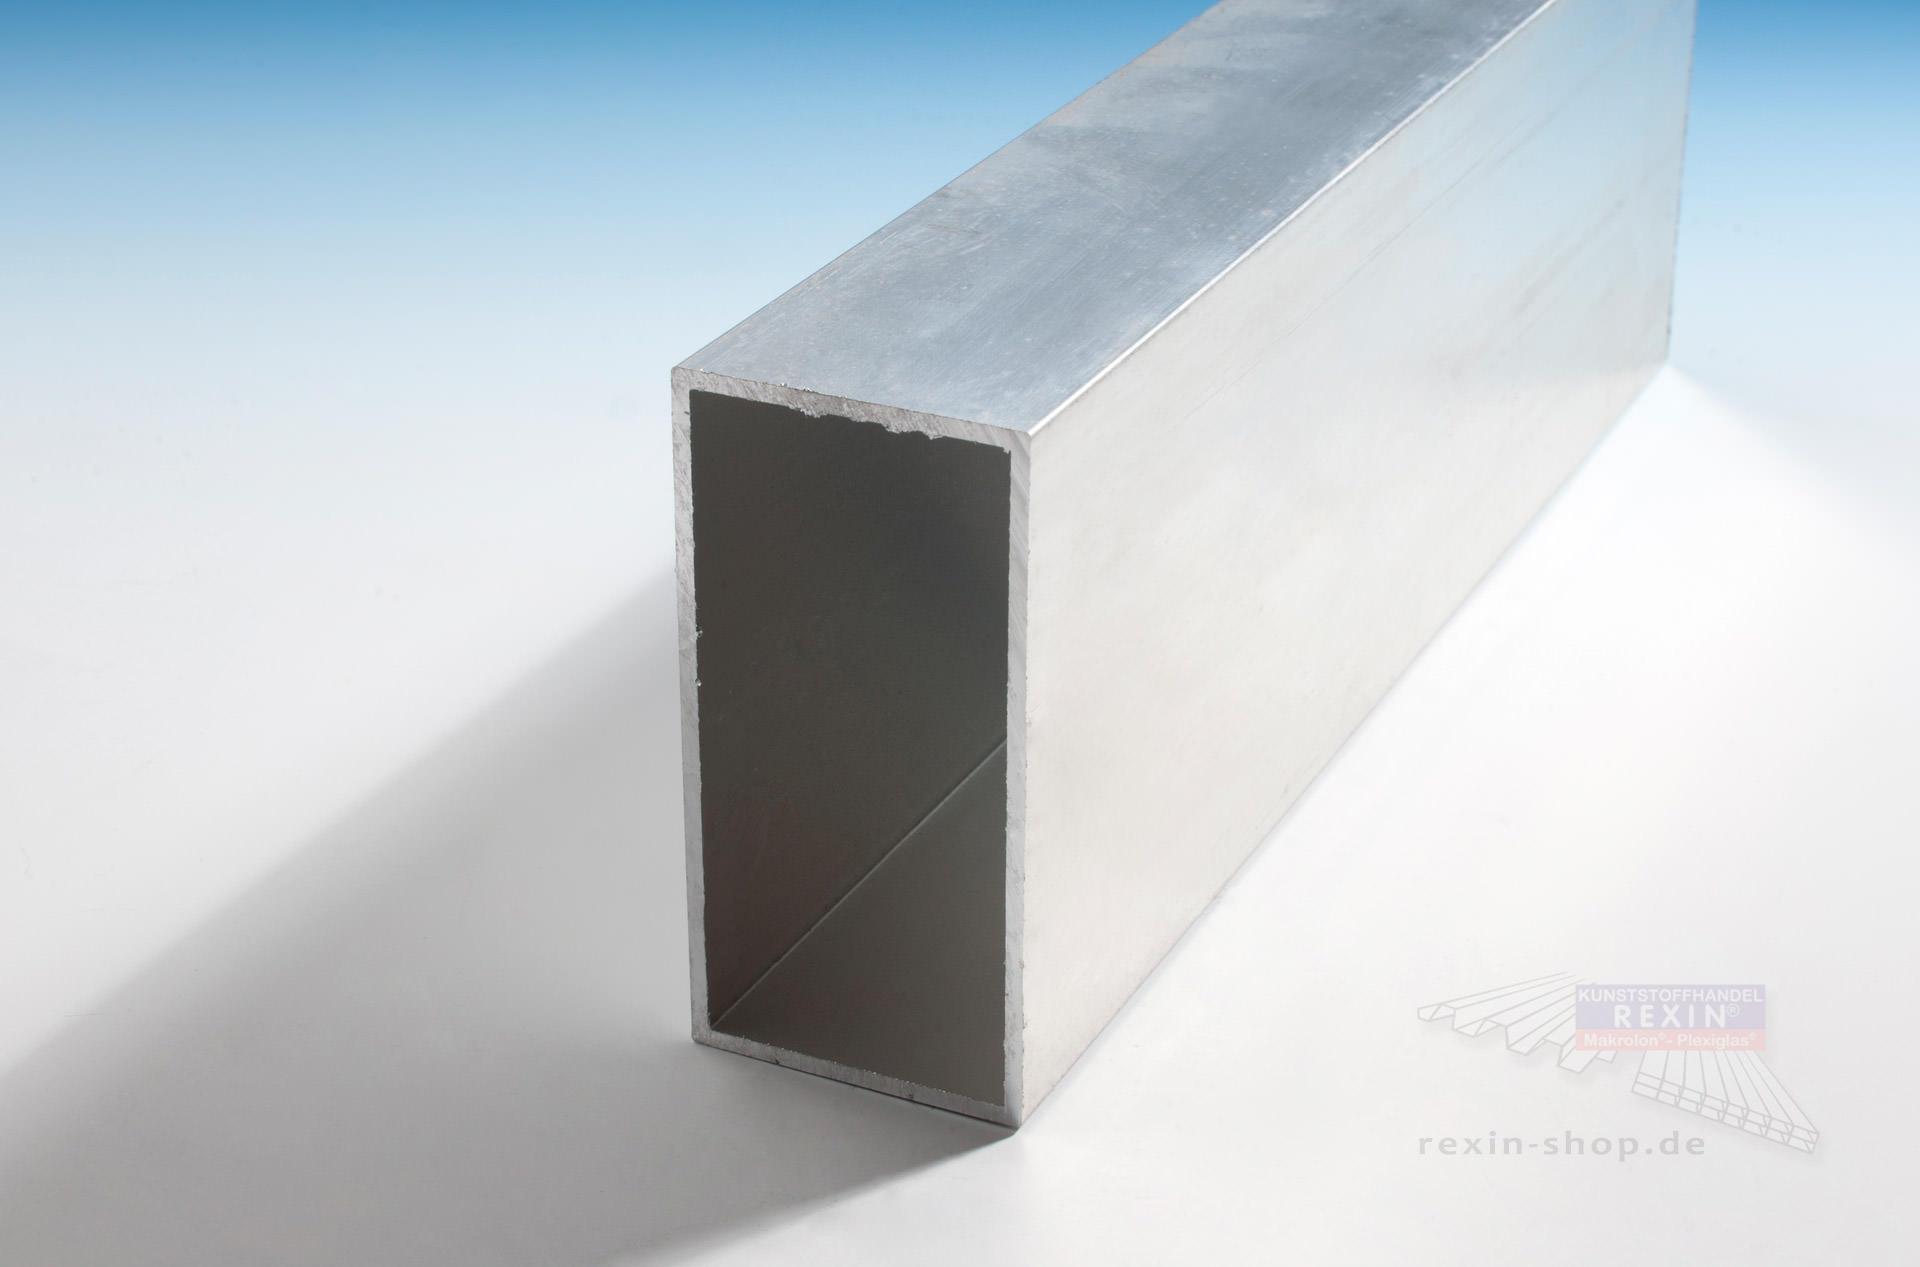 aluminium rechteckrohre 80mm x 60mm x 3mm pressblank aluminium rechteckrohre 80mm x 60mm x. Black Bedroom Furniture Sets. Home Design Ideas